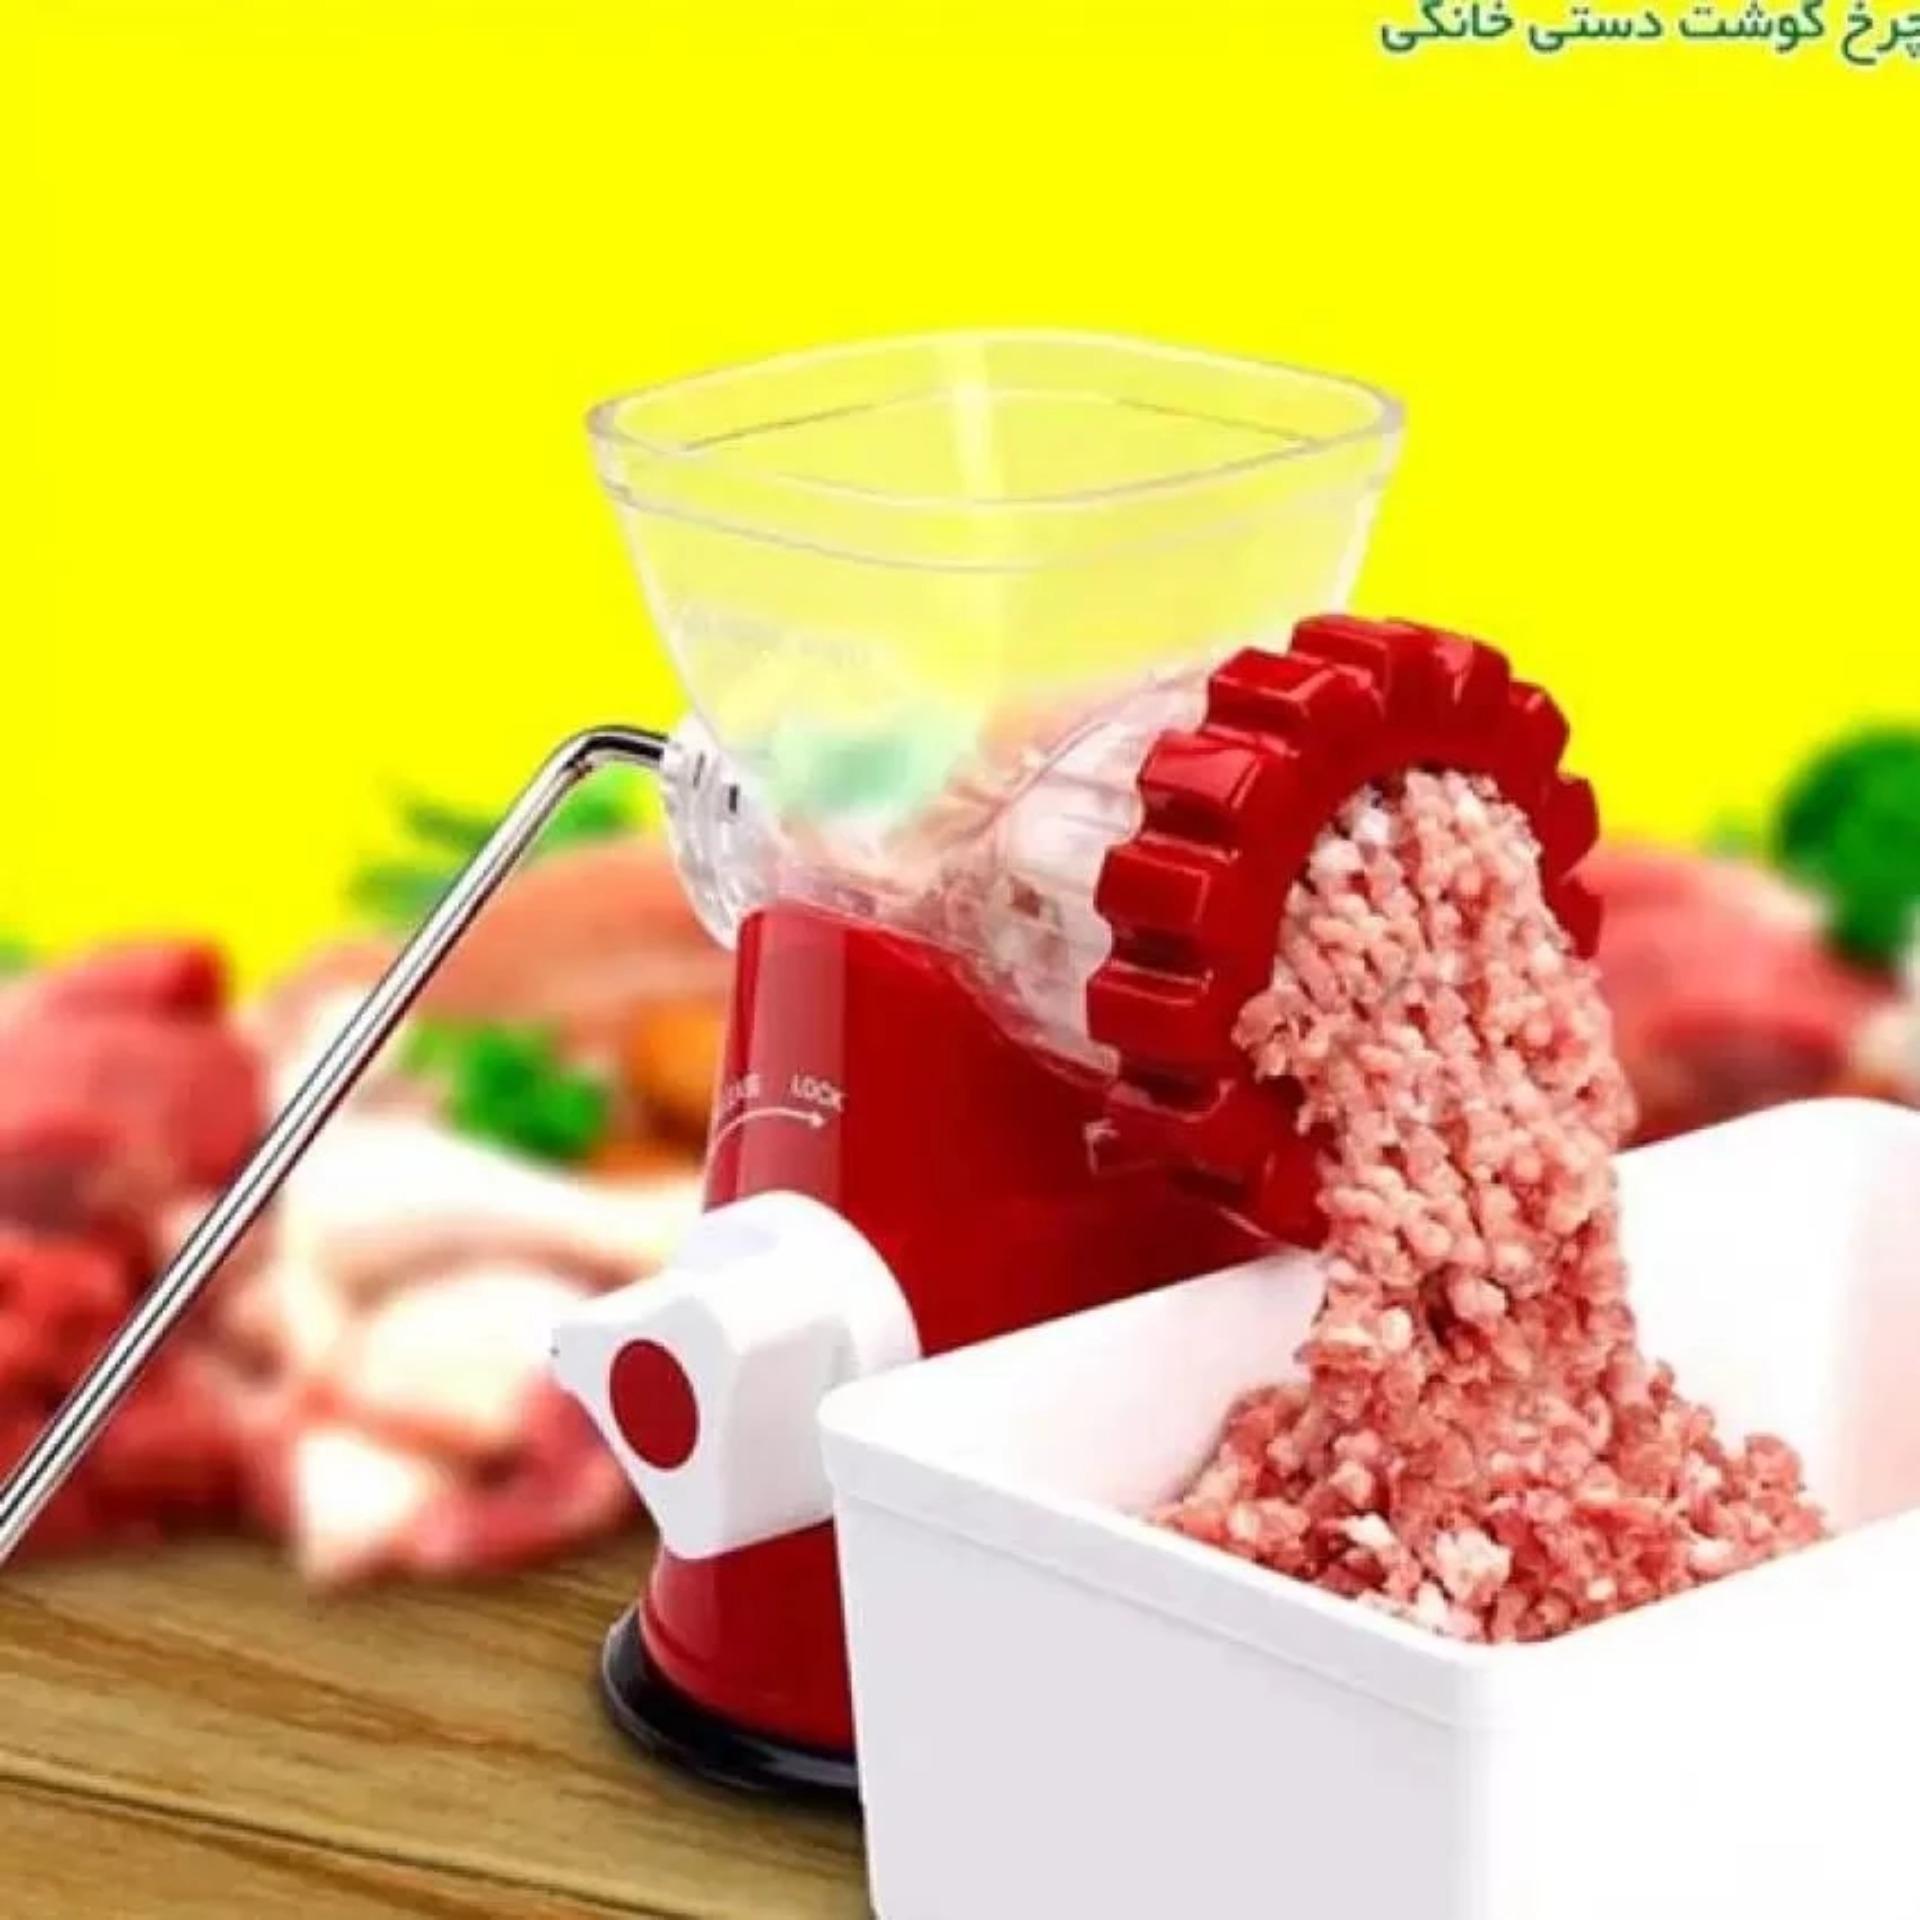 Periksa Peringkat Meat Mincer Grinder Penggiling Daging Sayuran Alat Dagingsayurbuah Manual Bumbu Merah